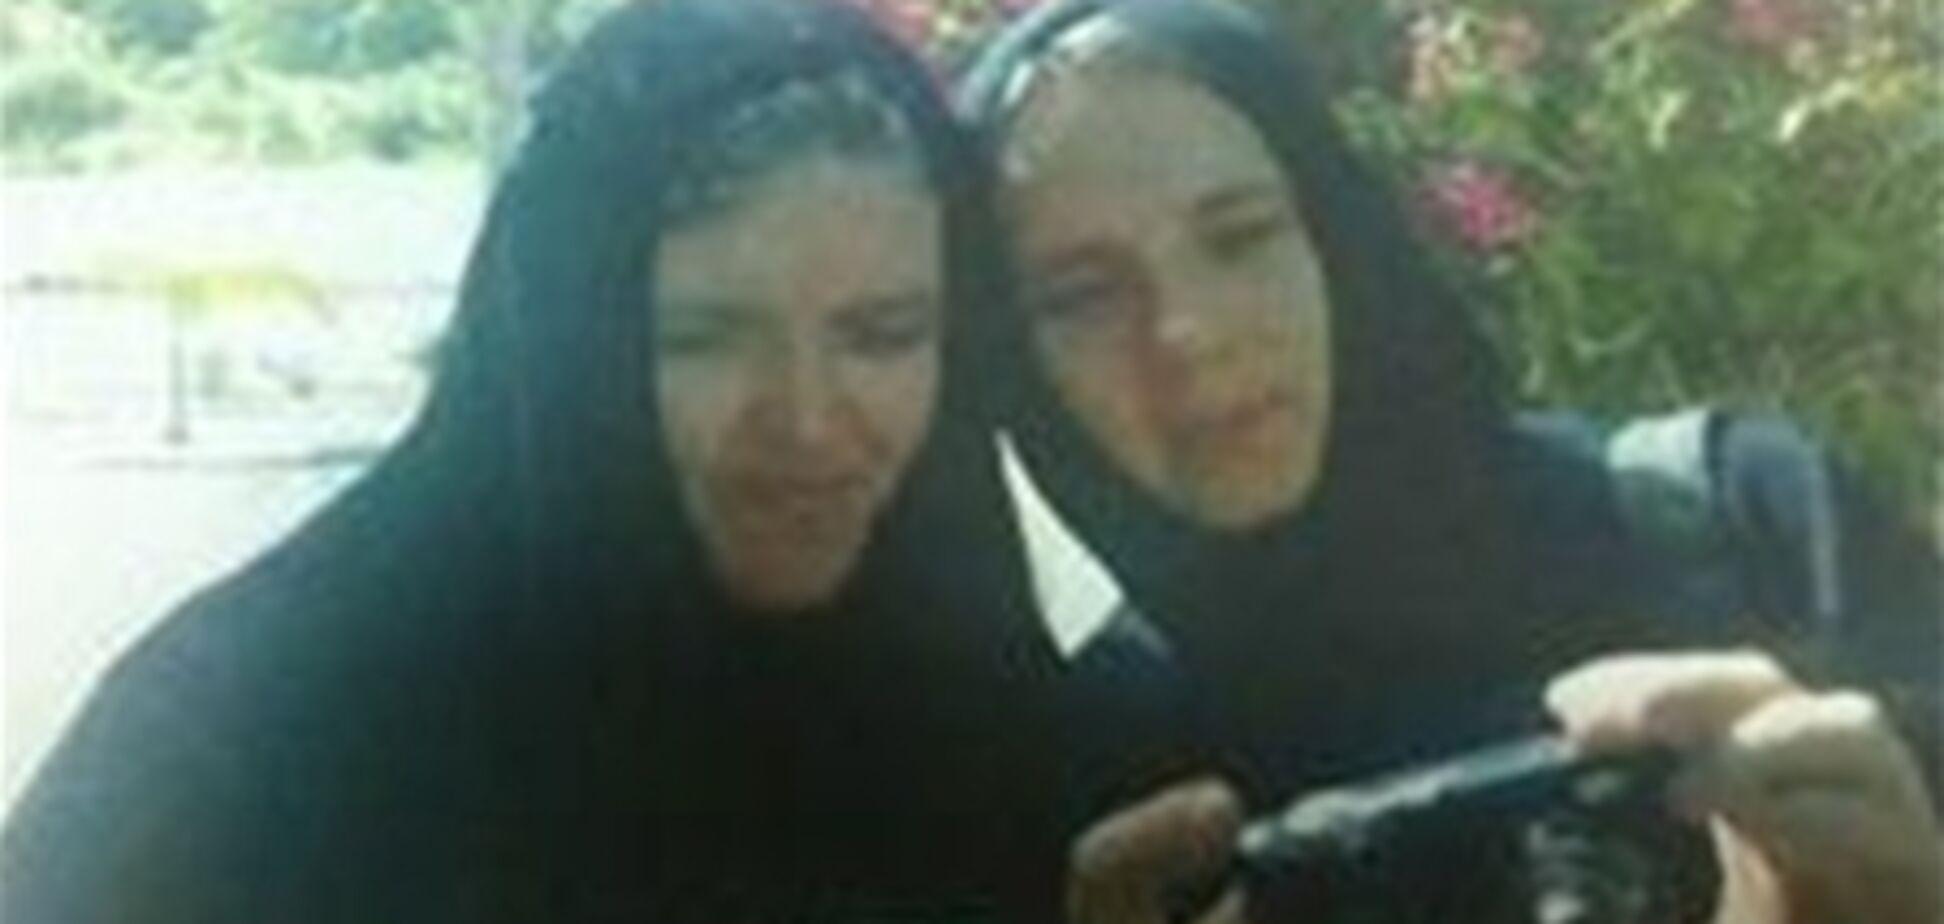 Столичных монахинь могли похитить - СМИ